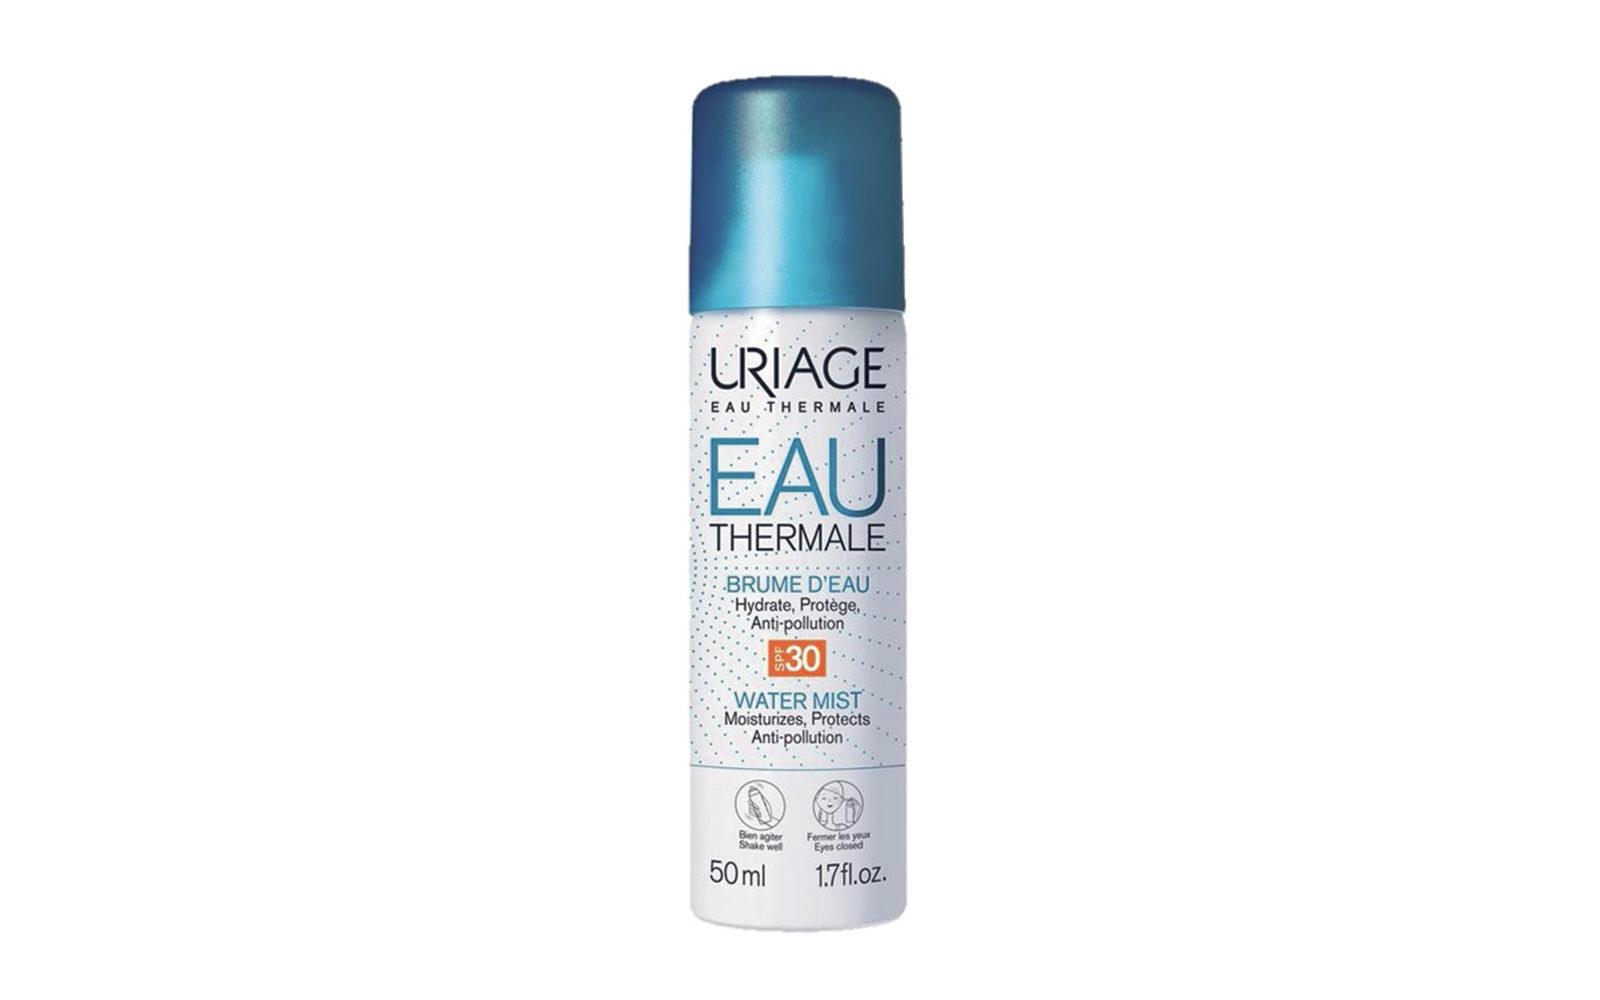 Uriage propone un'acqua termale delle Alpi che idrata, rinfresca e protegge: lo Spray all'acqua Spf 30 si nebulizza al bisogno (farmacia, 10,90 euro).